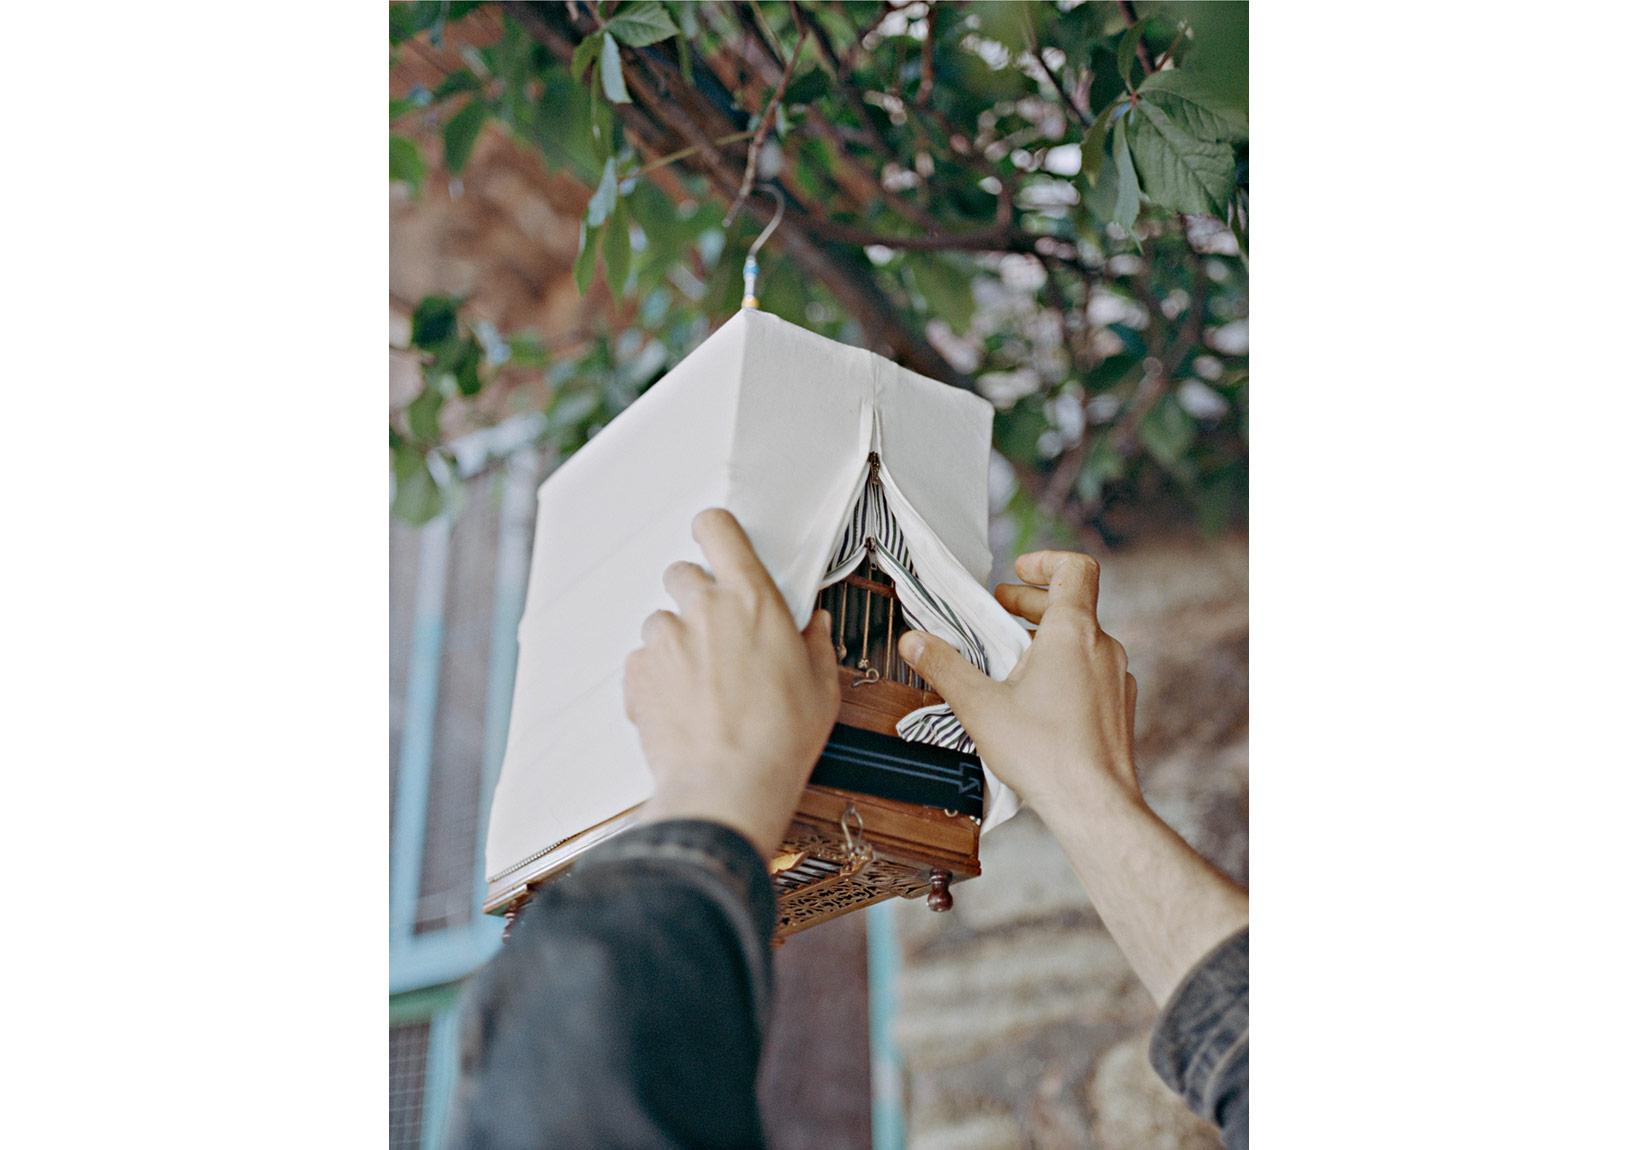 Cemre Yeşil&Maria Sturm, 'Kuşların Hatrına' serisinden